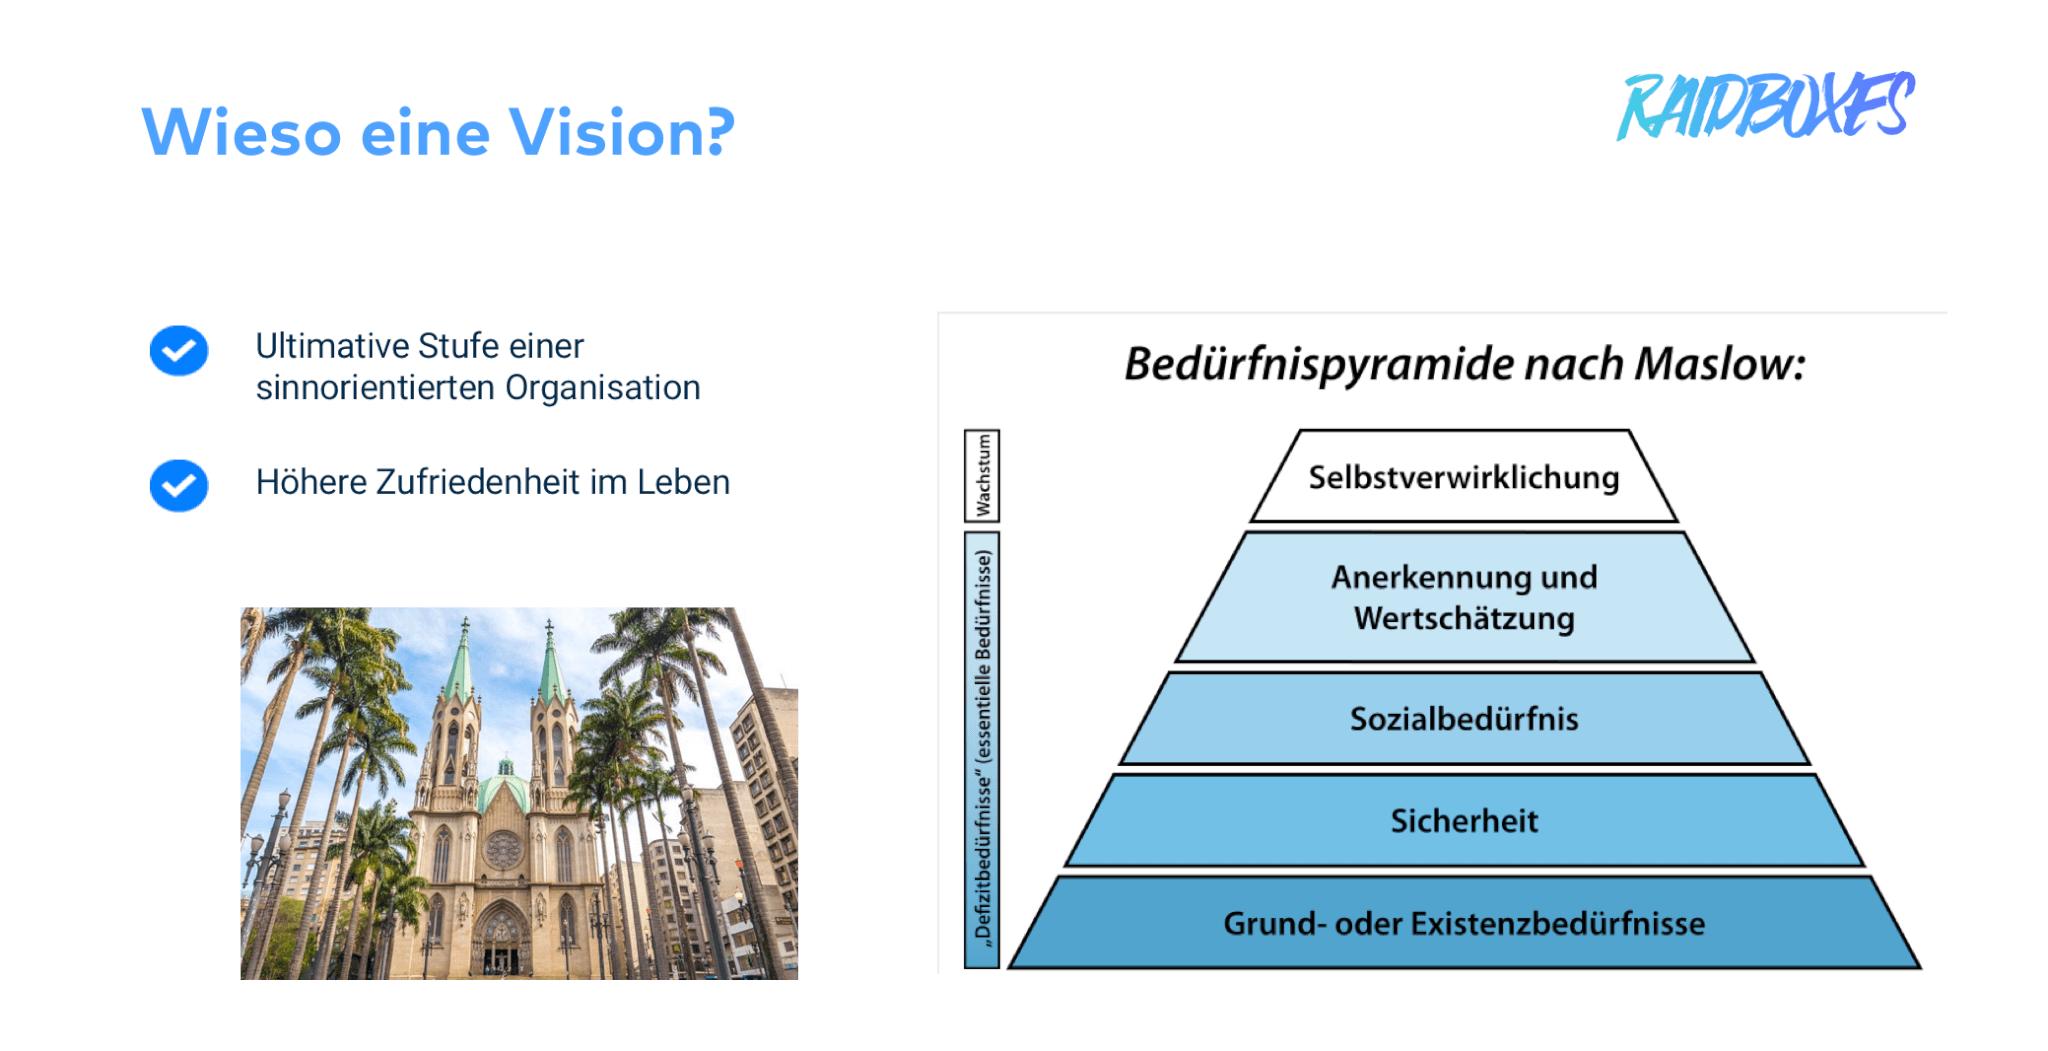 Wozu eine Unternehmensvision